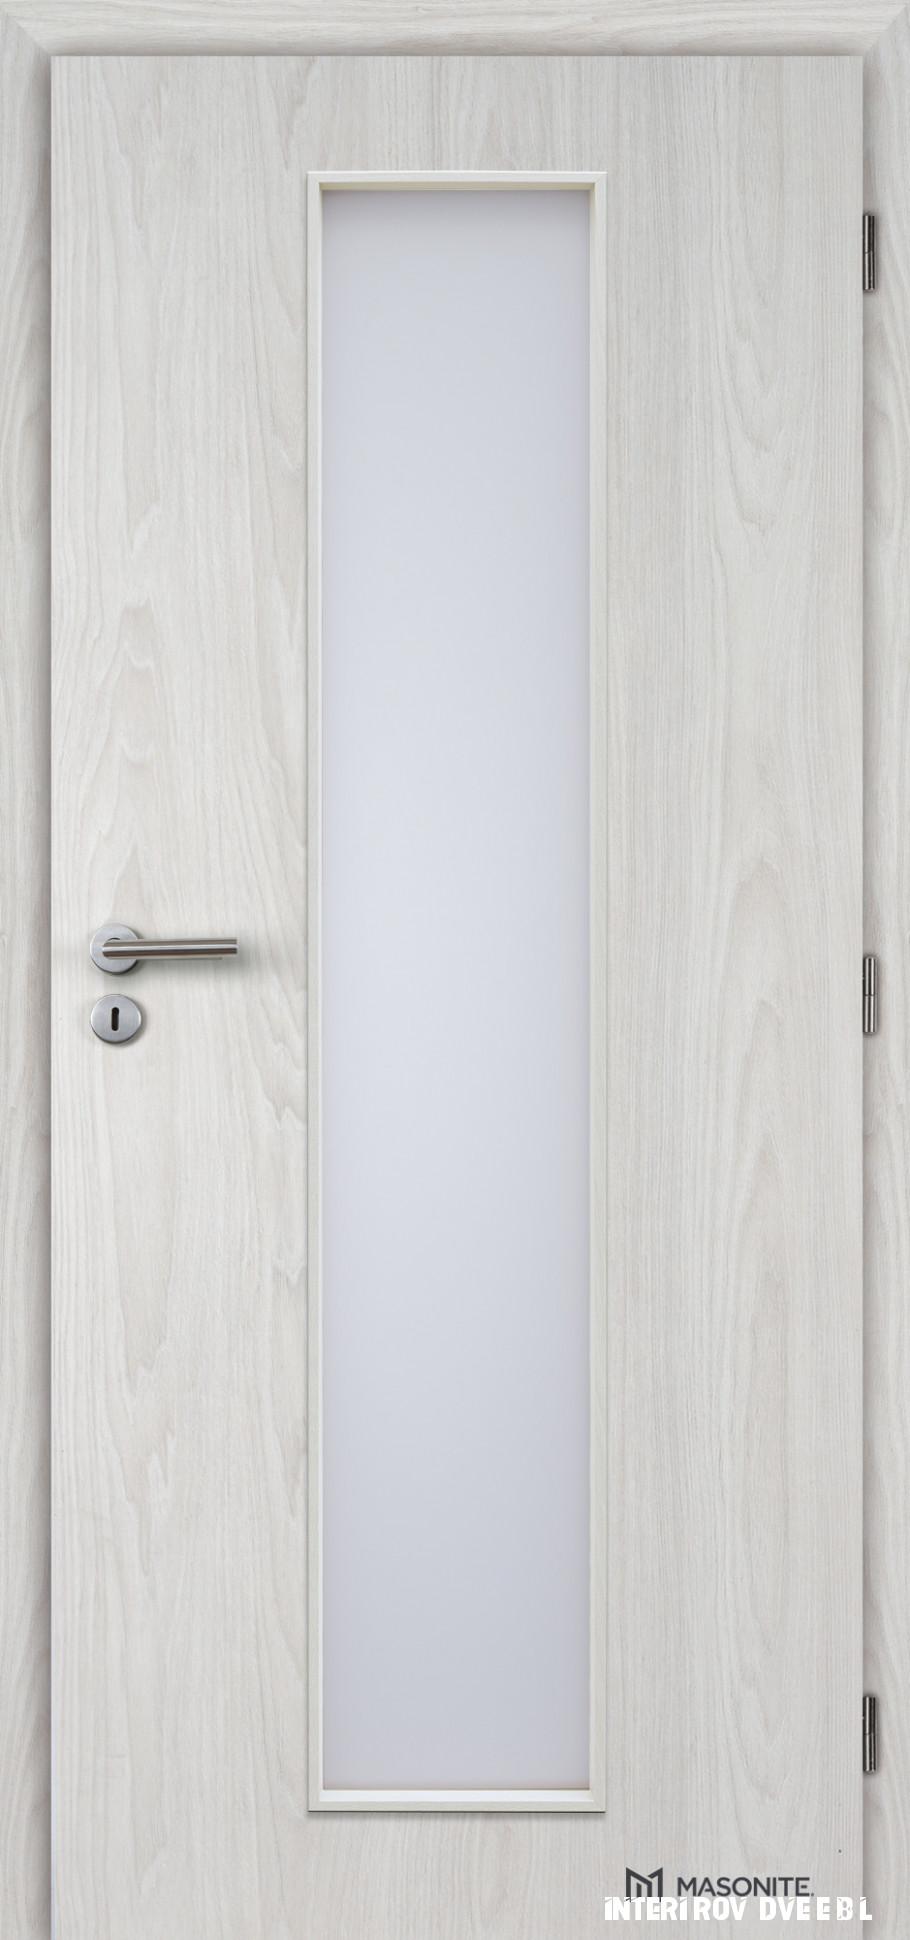 Interiérové dveře bílé